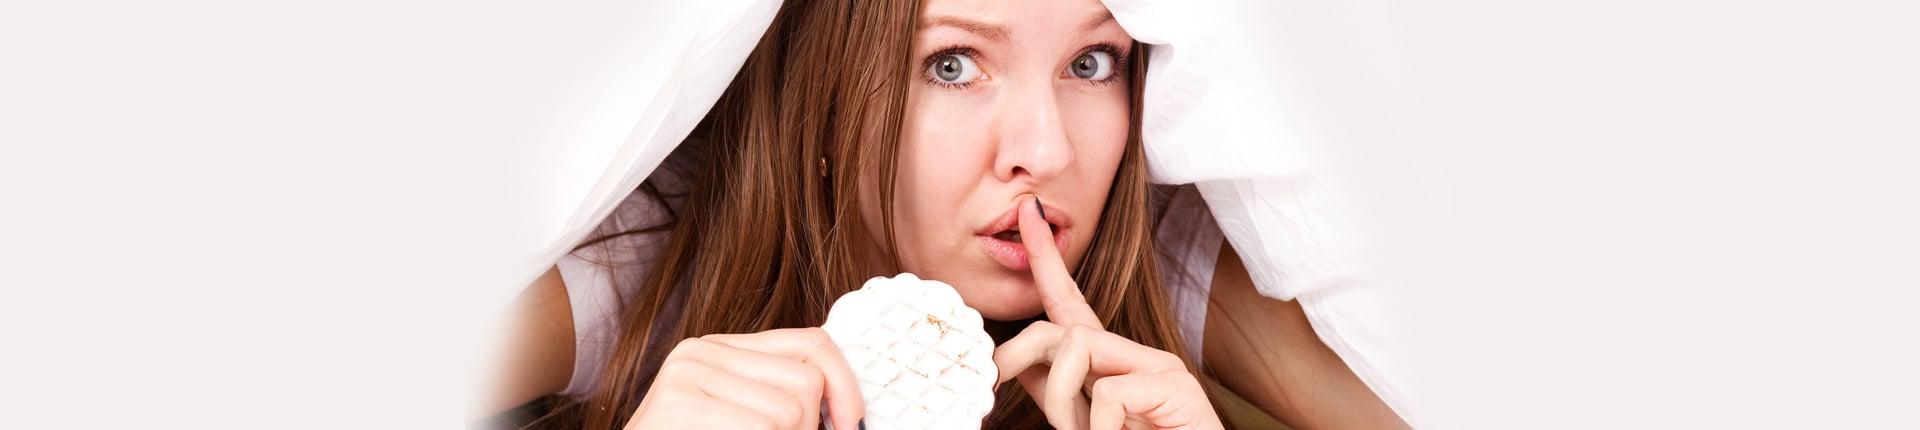 Produkty, które niszczą Twój wygląd i samopoczucie